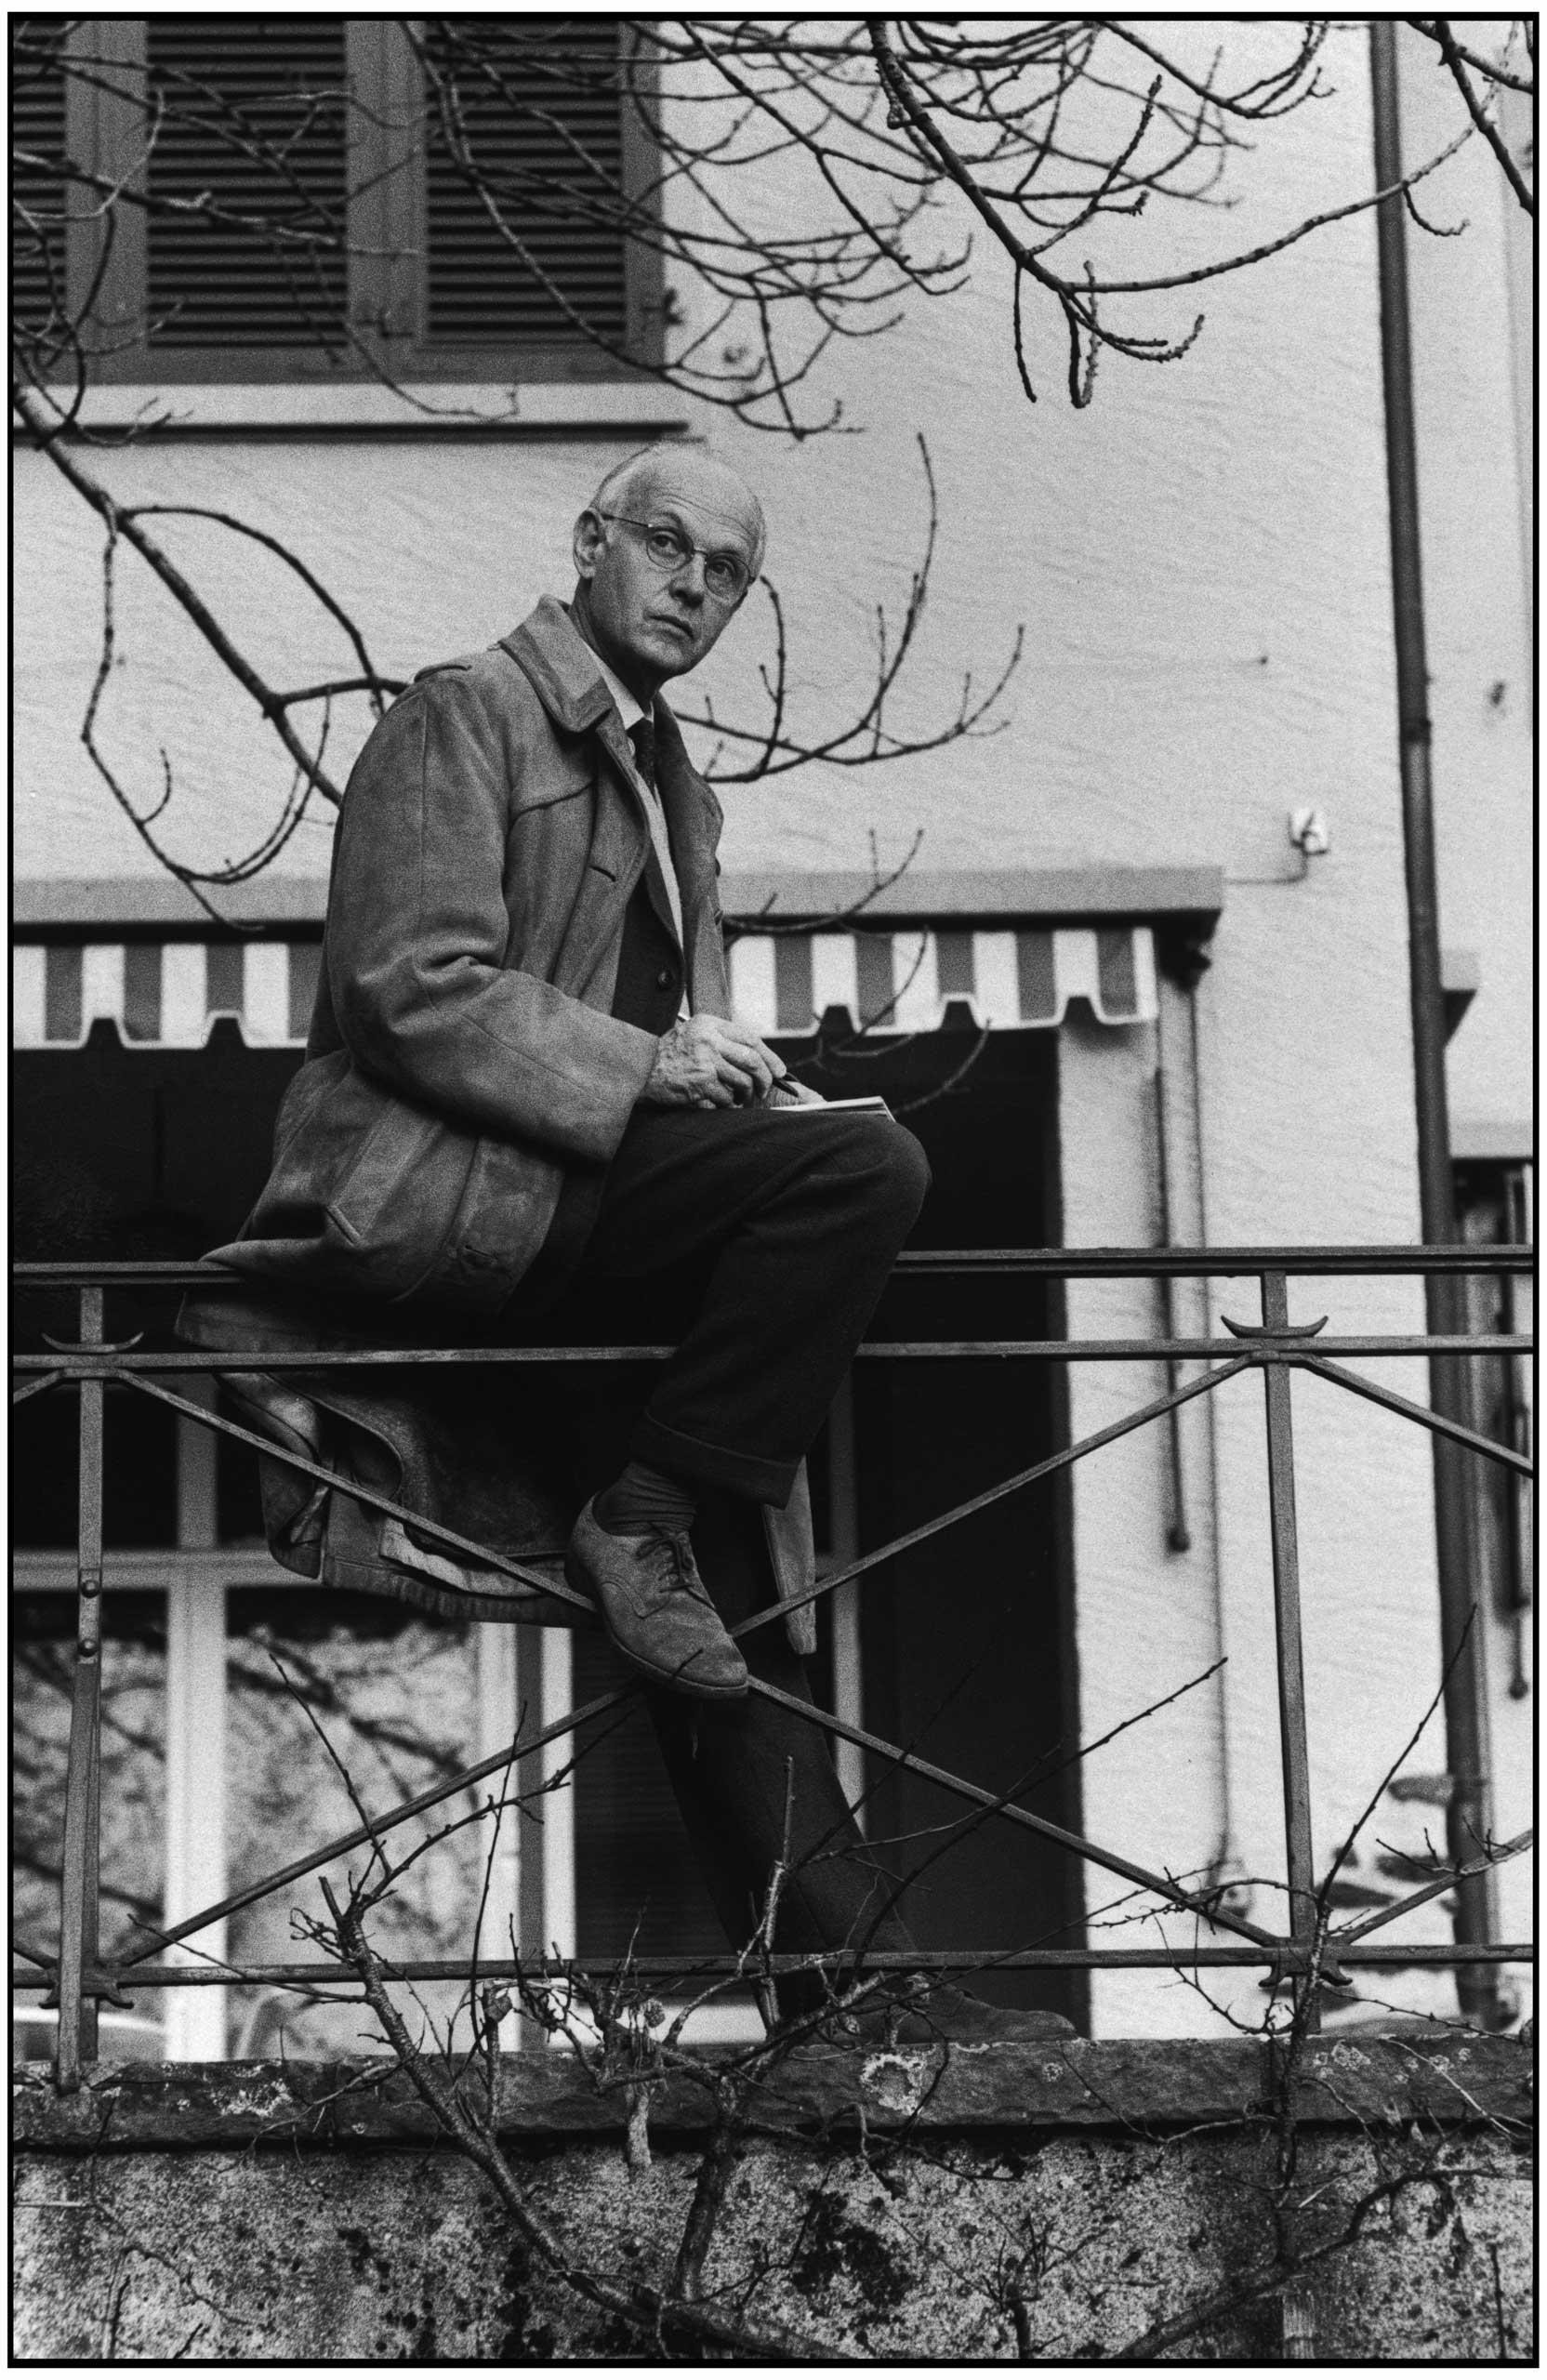 Henri Cartier-Bresson in ZŸrich, Switzerland, 1970.